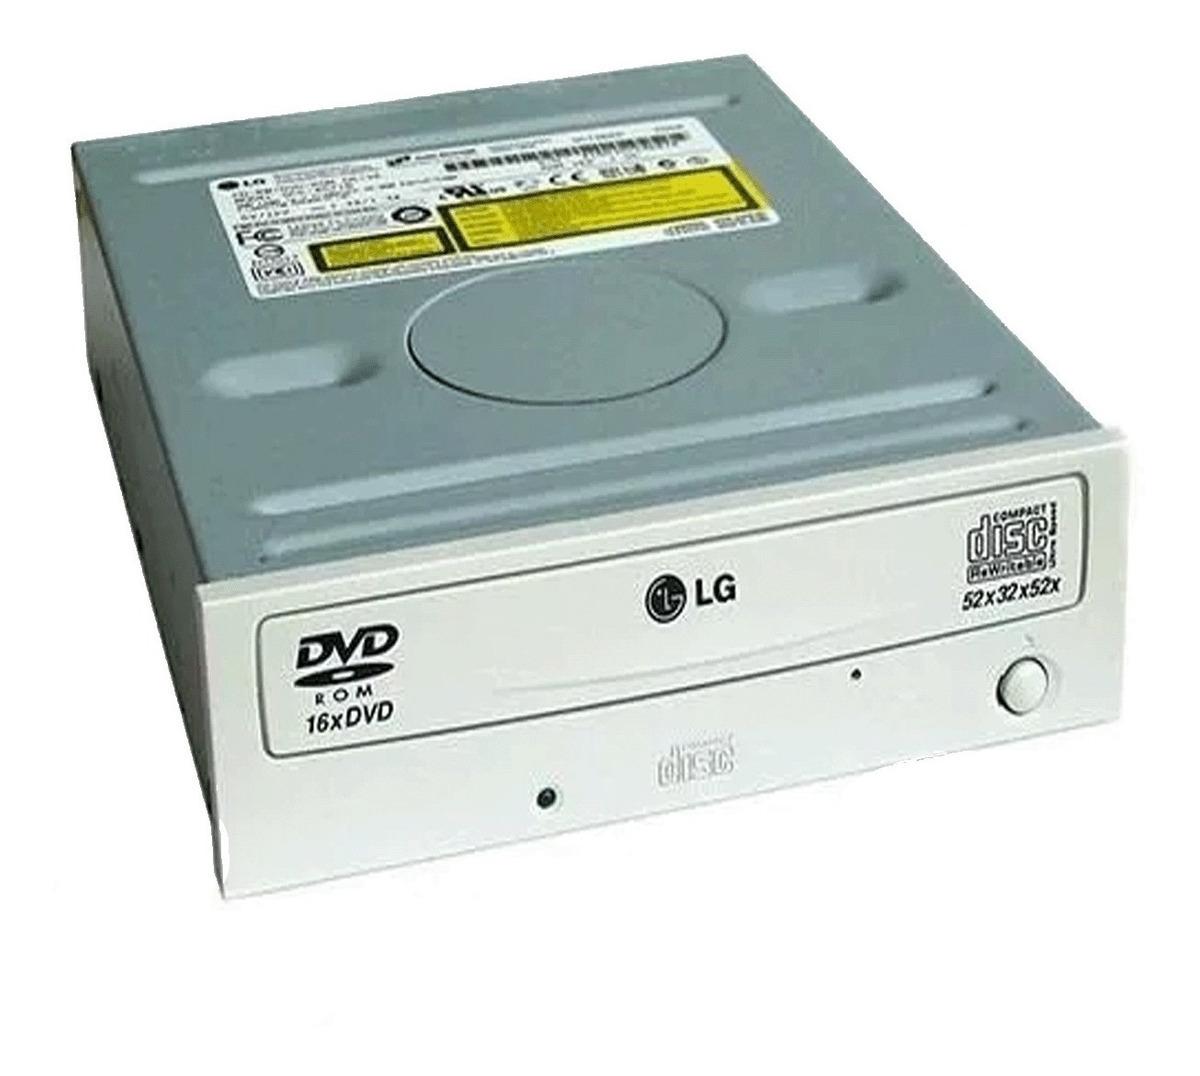 24x10x40 CD-RW IDE Drive Beige